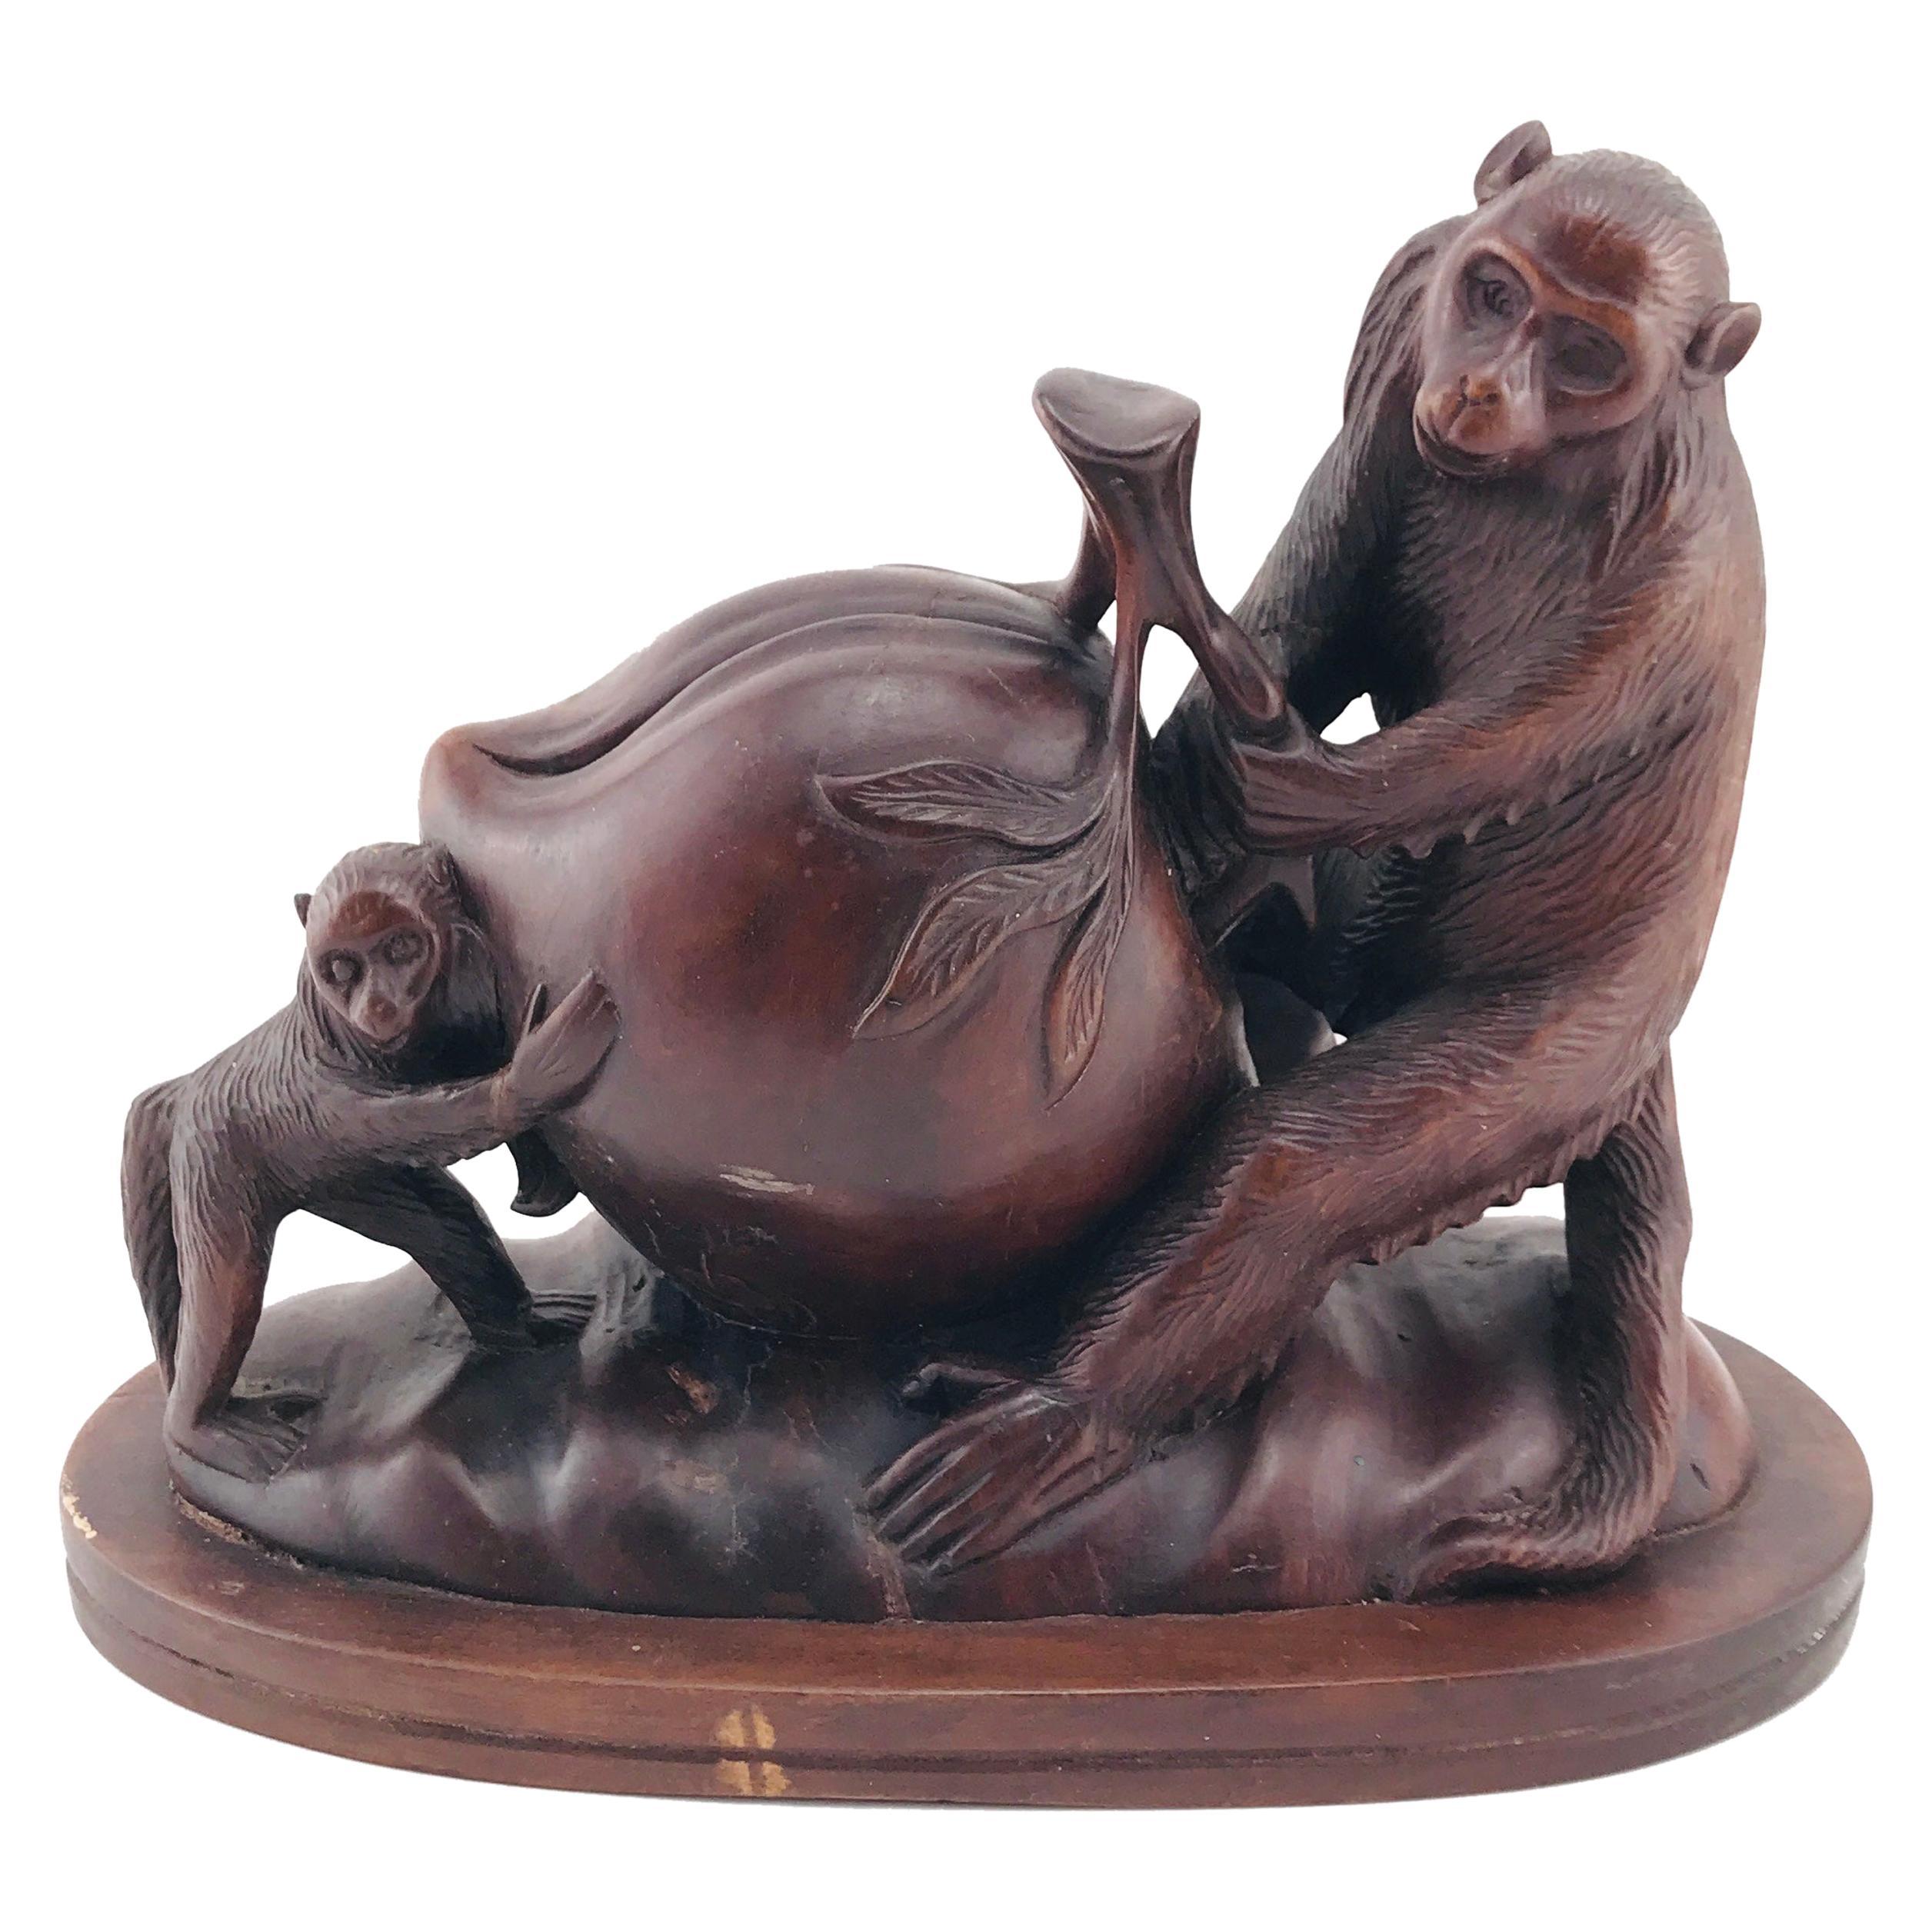 Mid-Century Modern Italian Animals Sculpture in Walnut Timber, 1960s